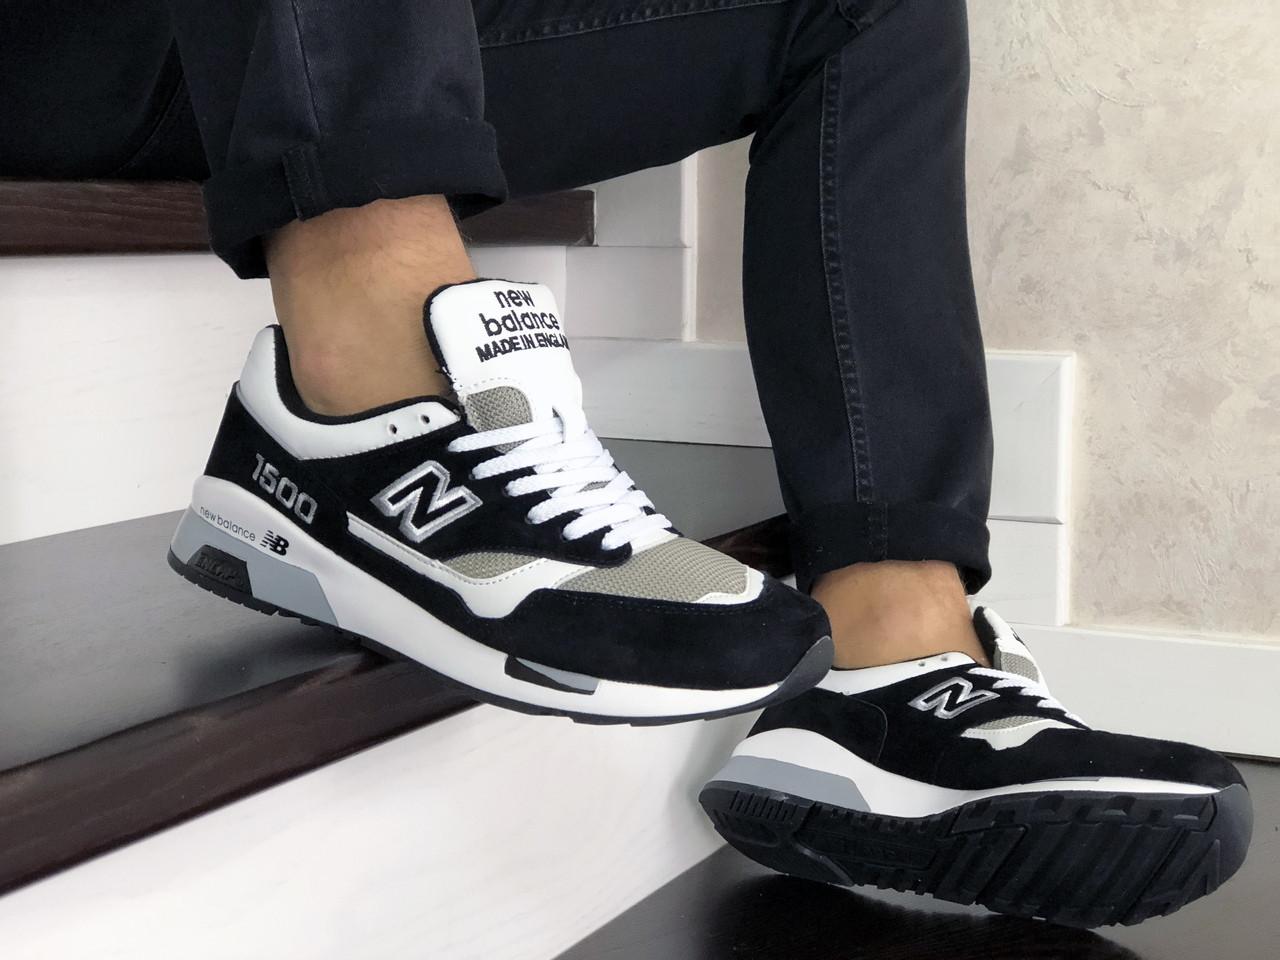 Чоловічі кросівки New Balance 1500 ВЕЛИКОБРИТАНІЯ (Біло-чорні) 9112